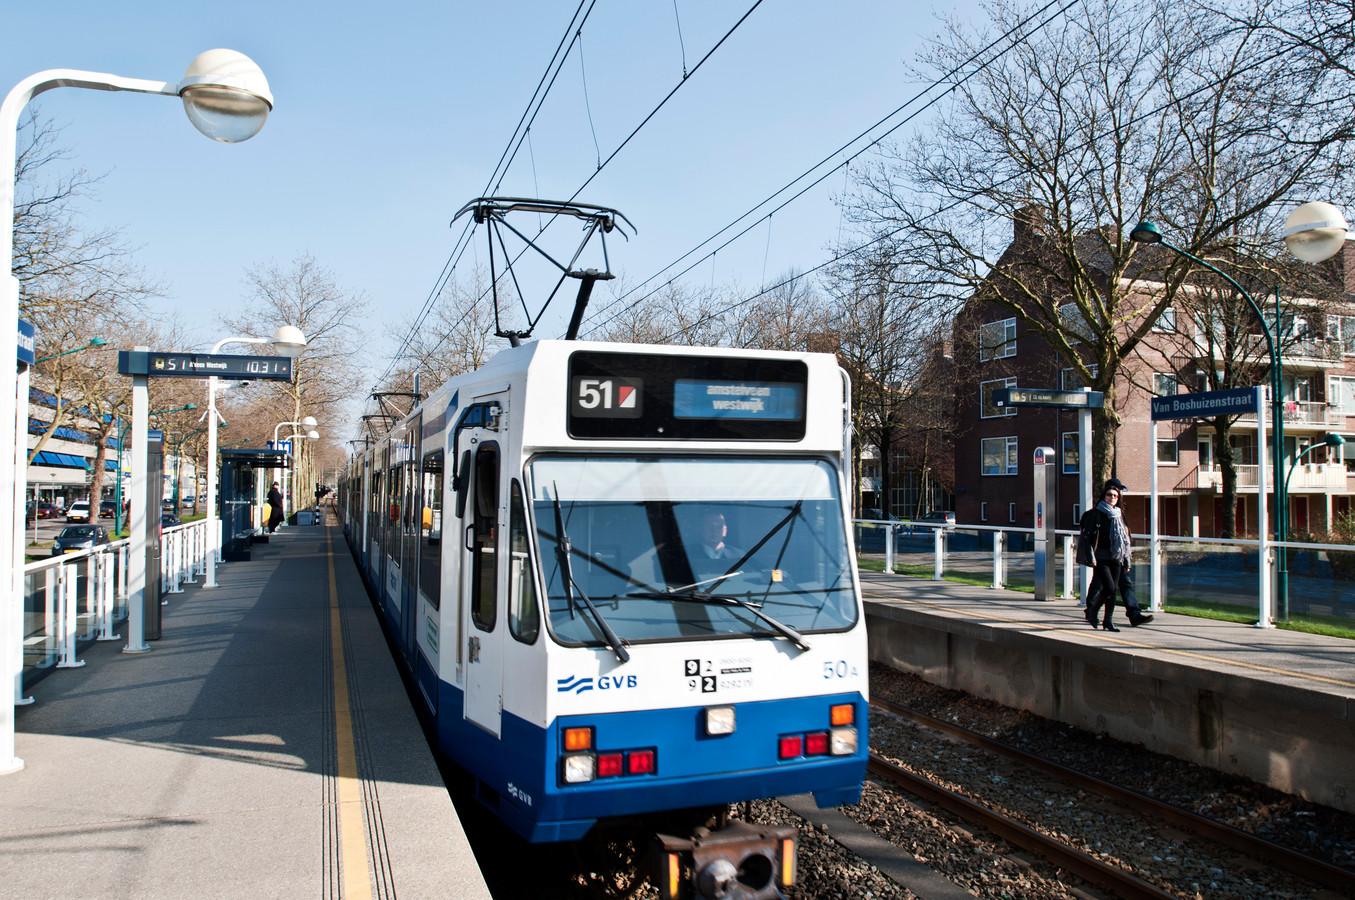 De oude metro 51 richting Amstelveen Westwijk.